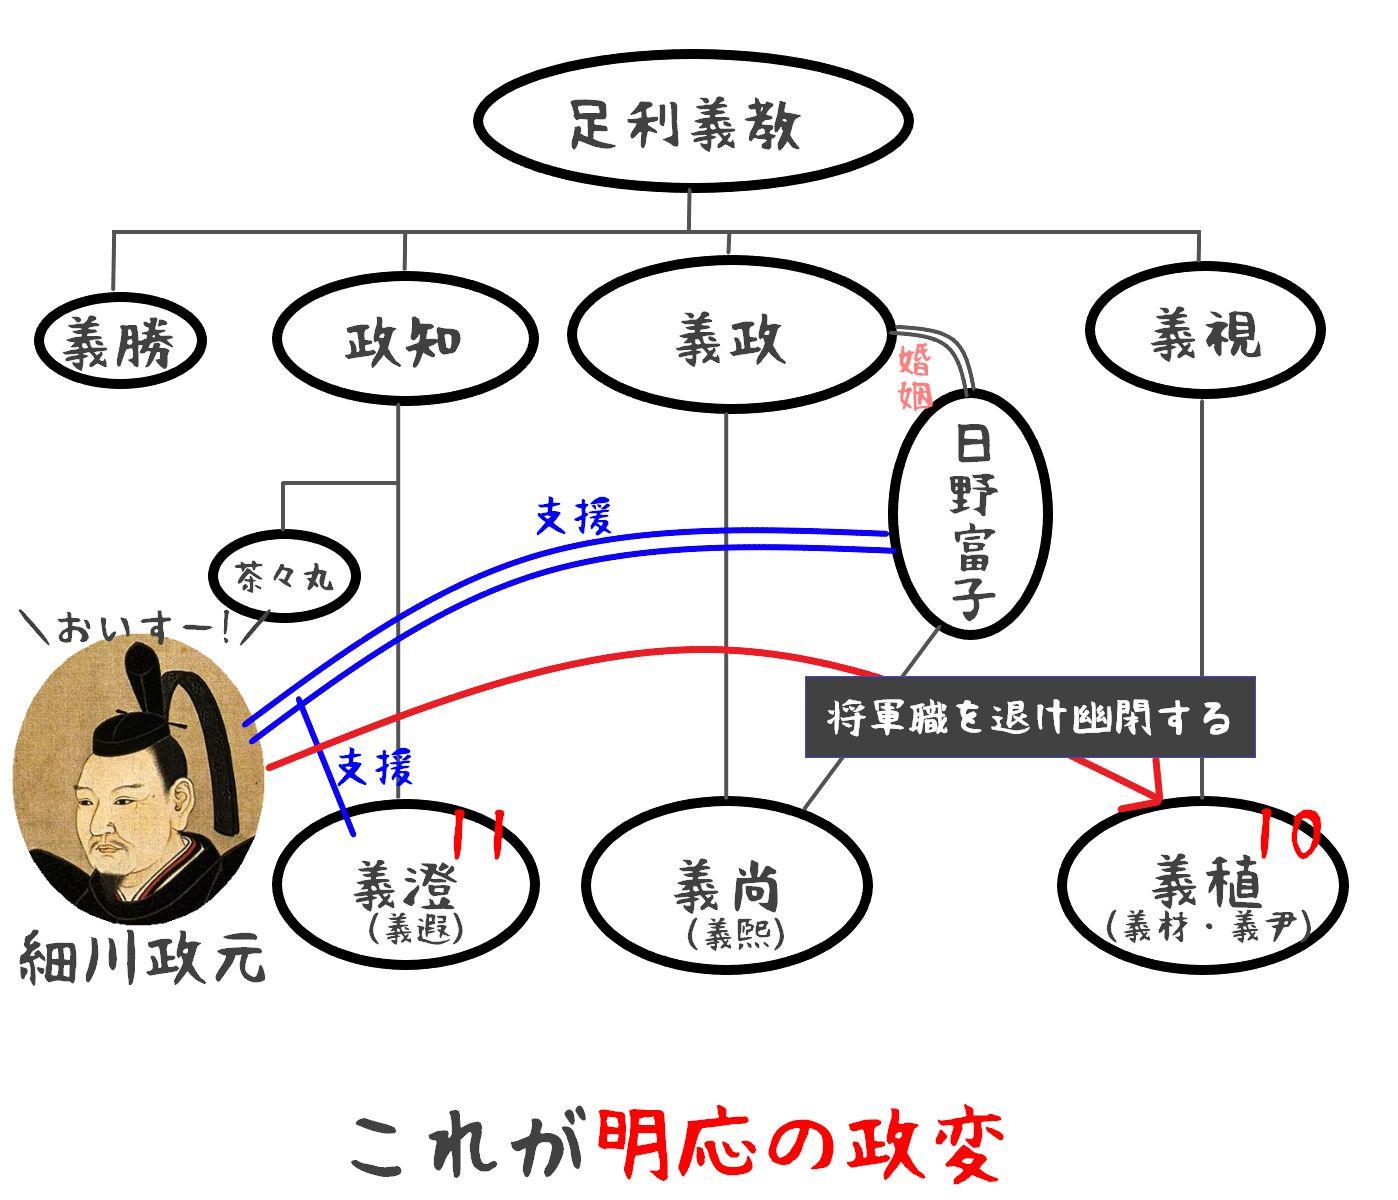 足利将軍家家系図02